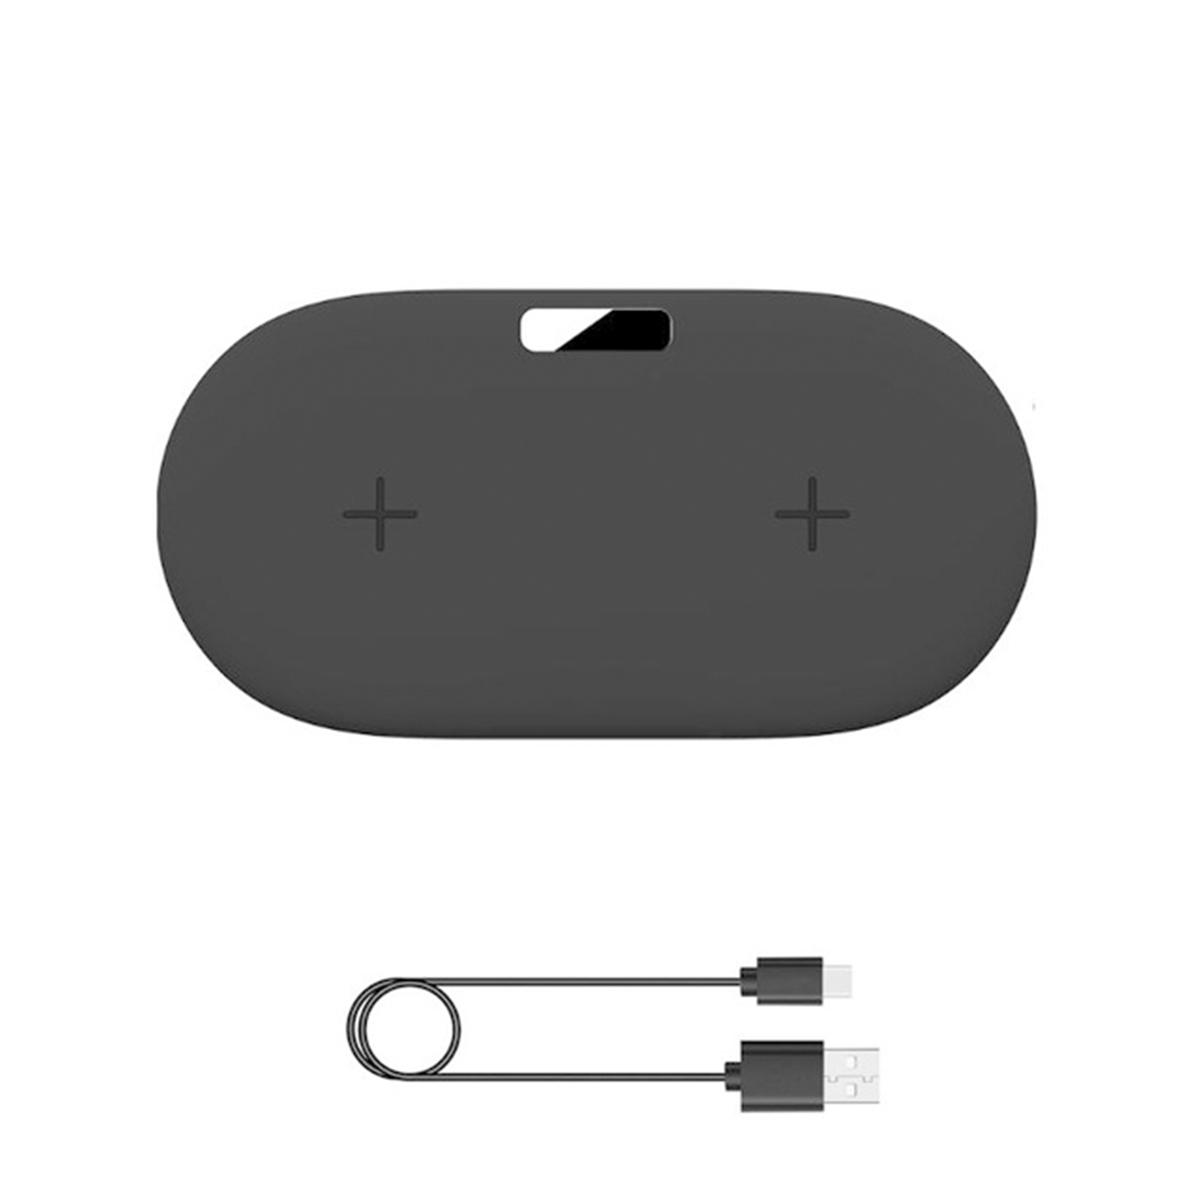 Type-C Порт 2 в 1 10W Беспроводное зарядное устройство Qi Быстрая зарядка Наушник Зарядное устройство для устройств с по - фото 5